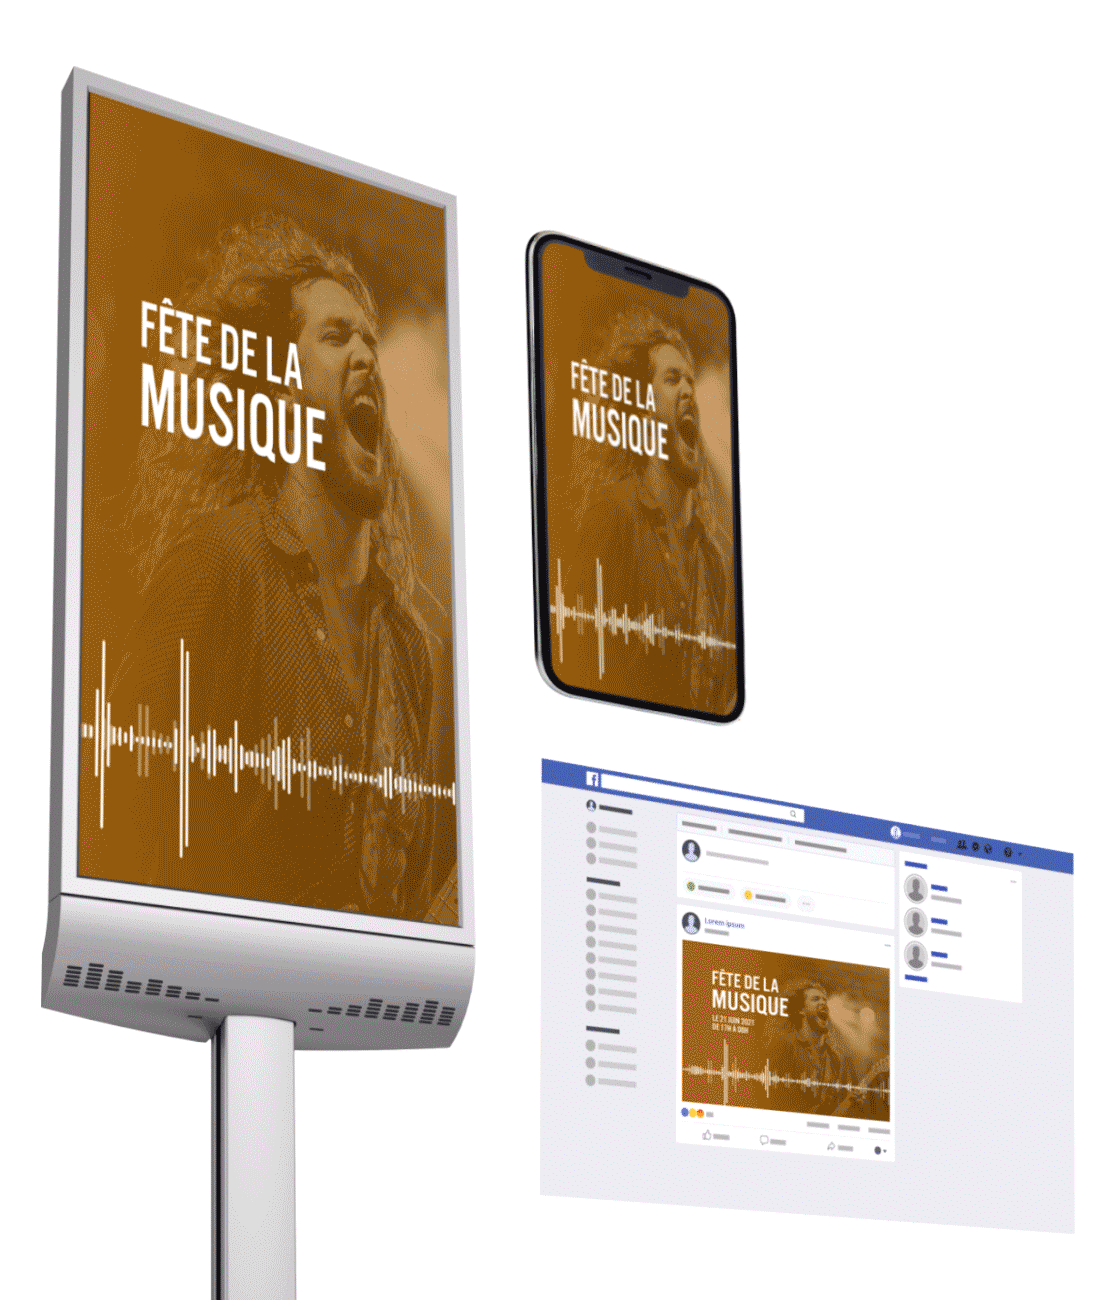 intégration_JEI_smartphone_facebook_07.2021